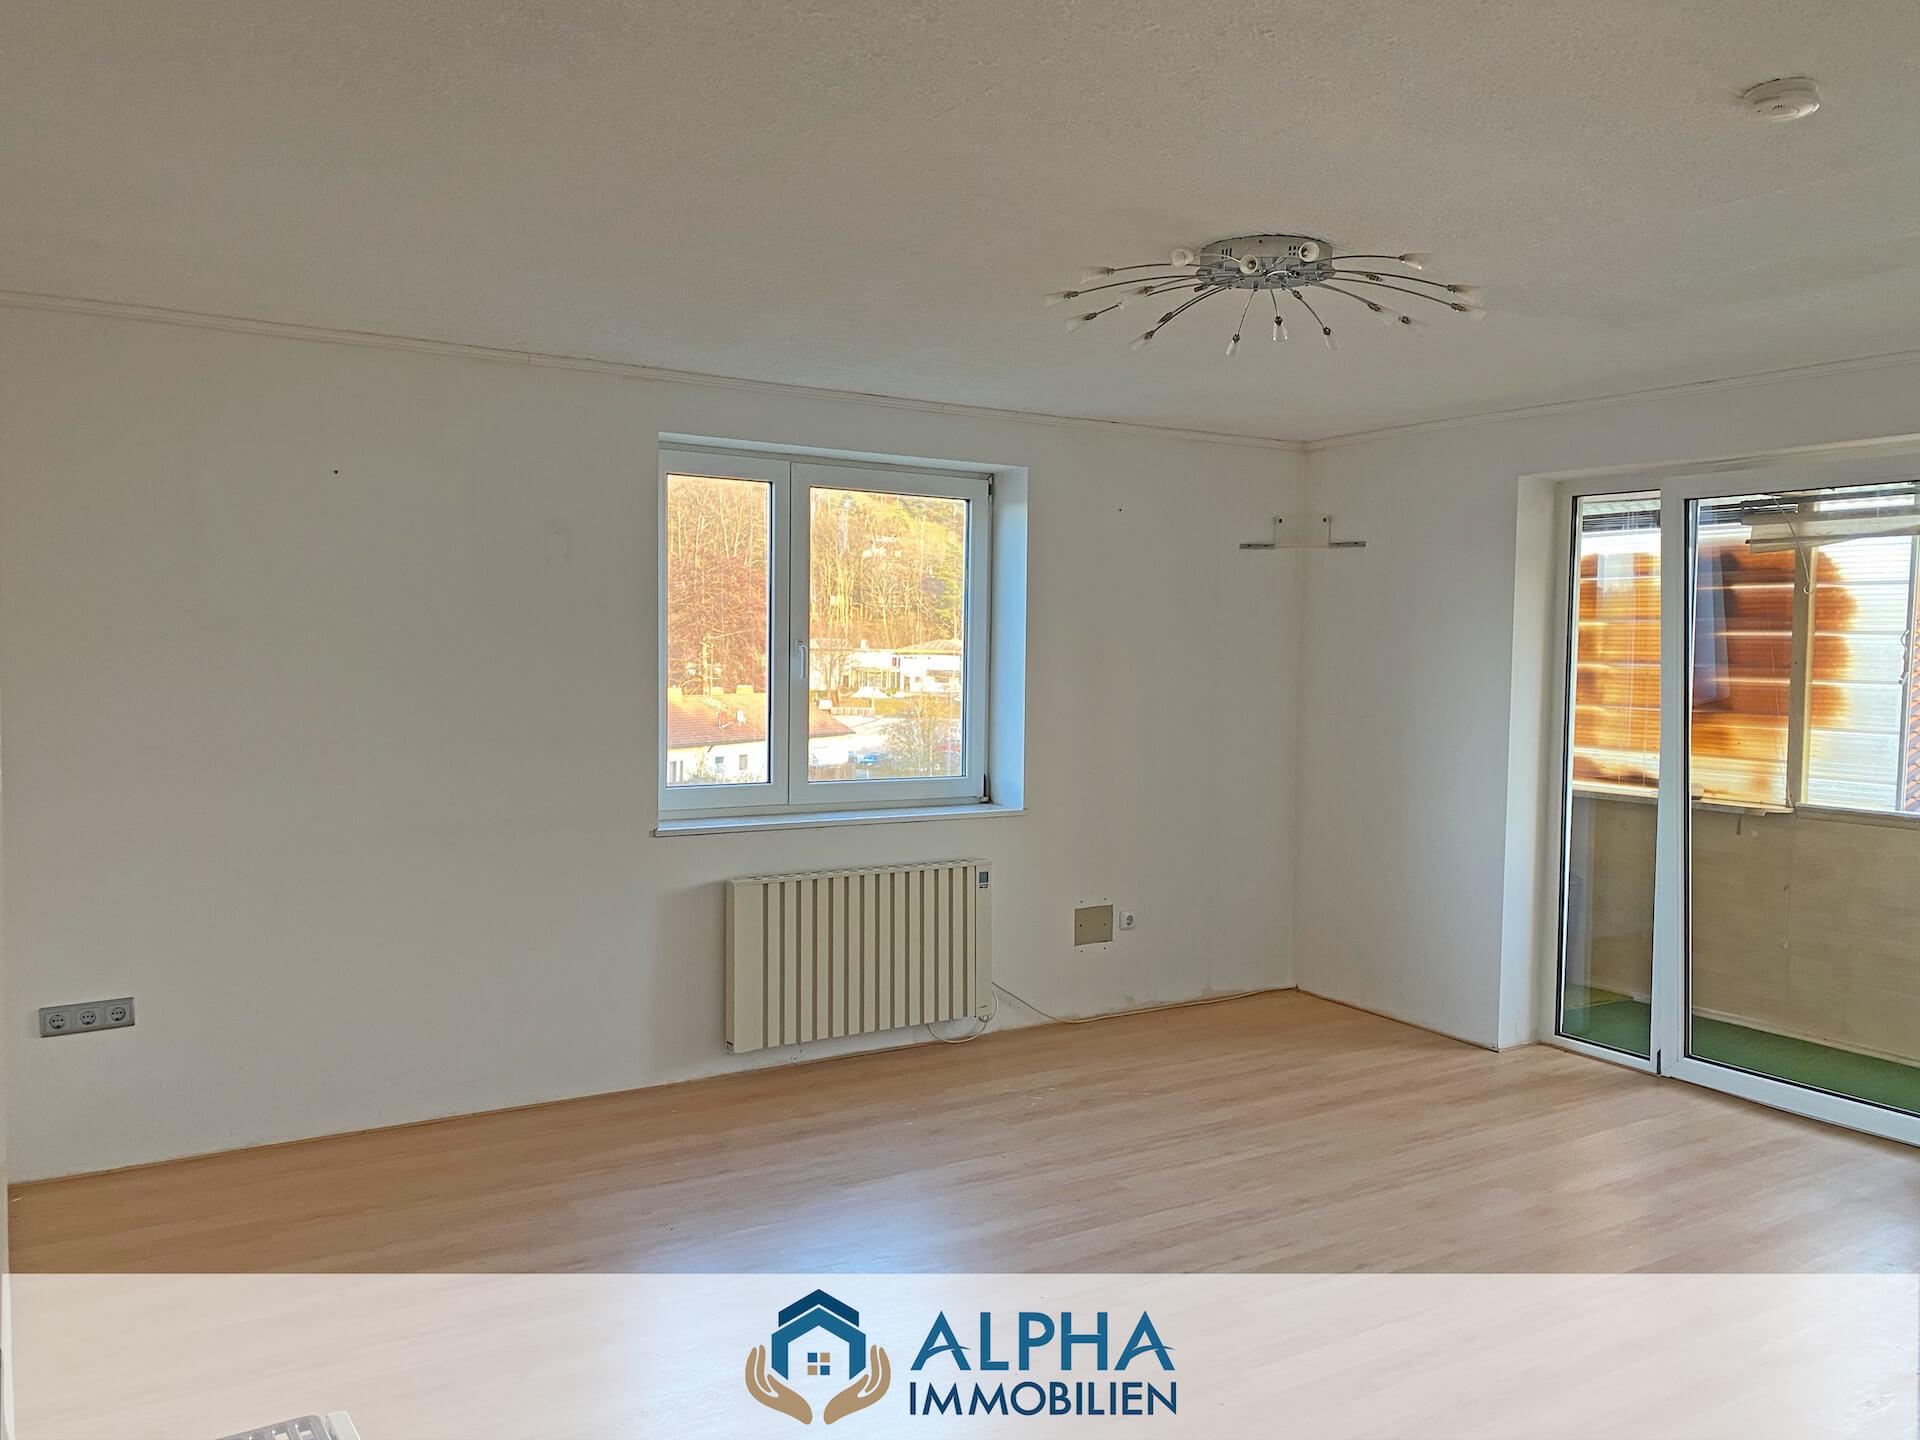 alpha-immobilien-20-8-61